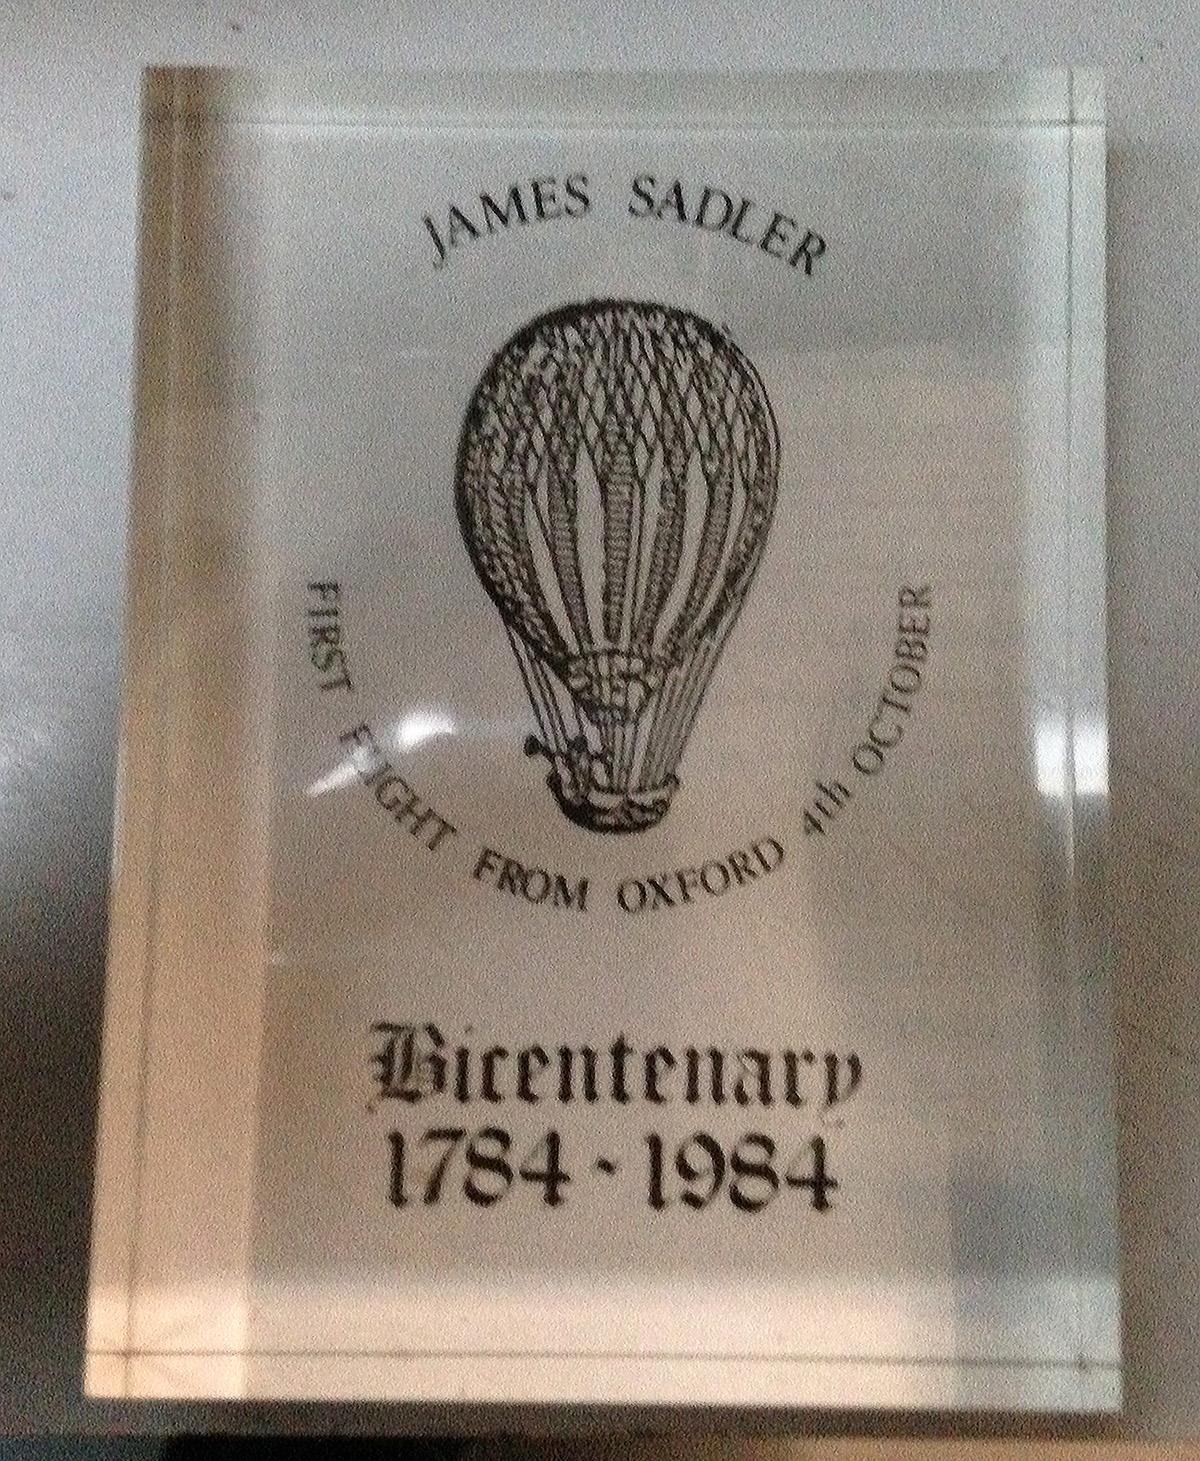 Sadler Bicentennial 1784-1984 Paperweight